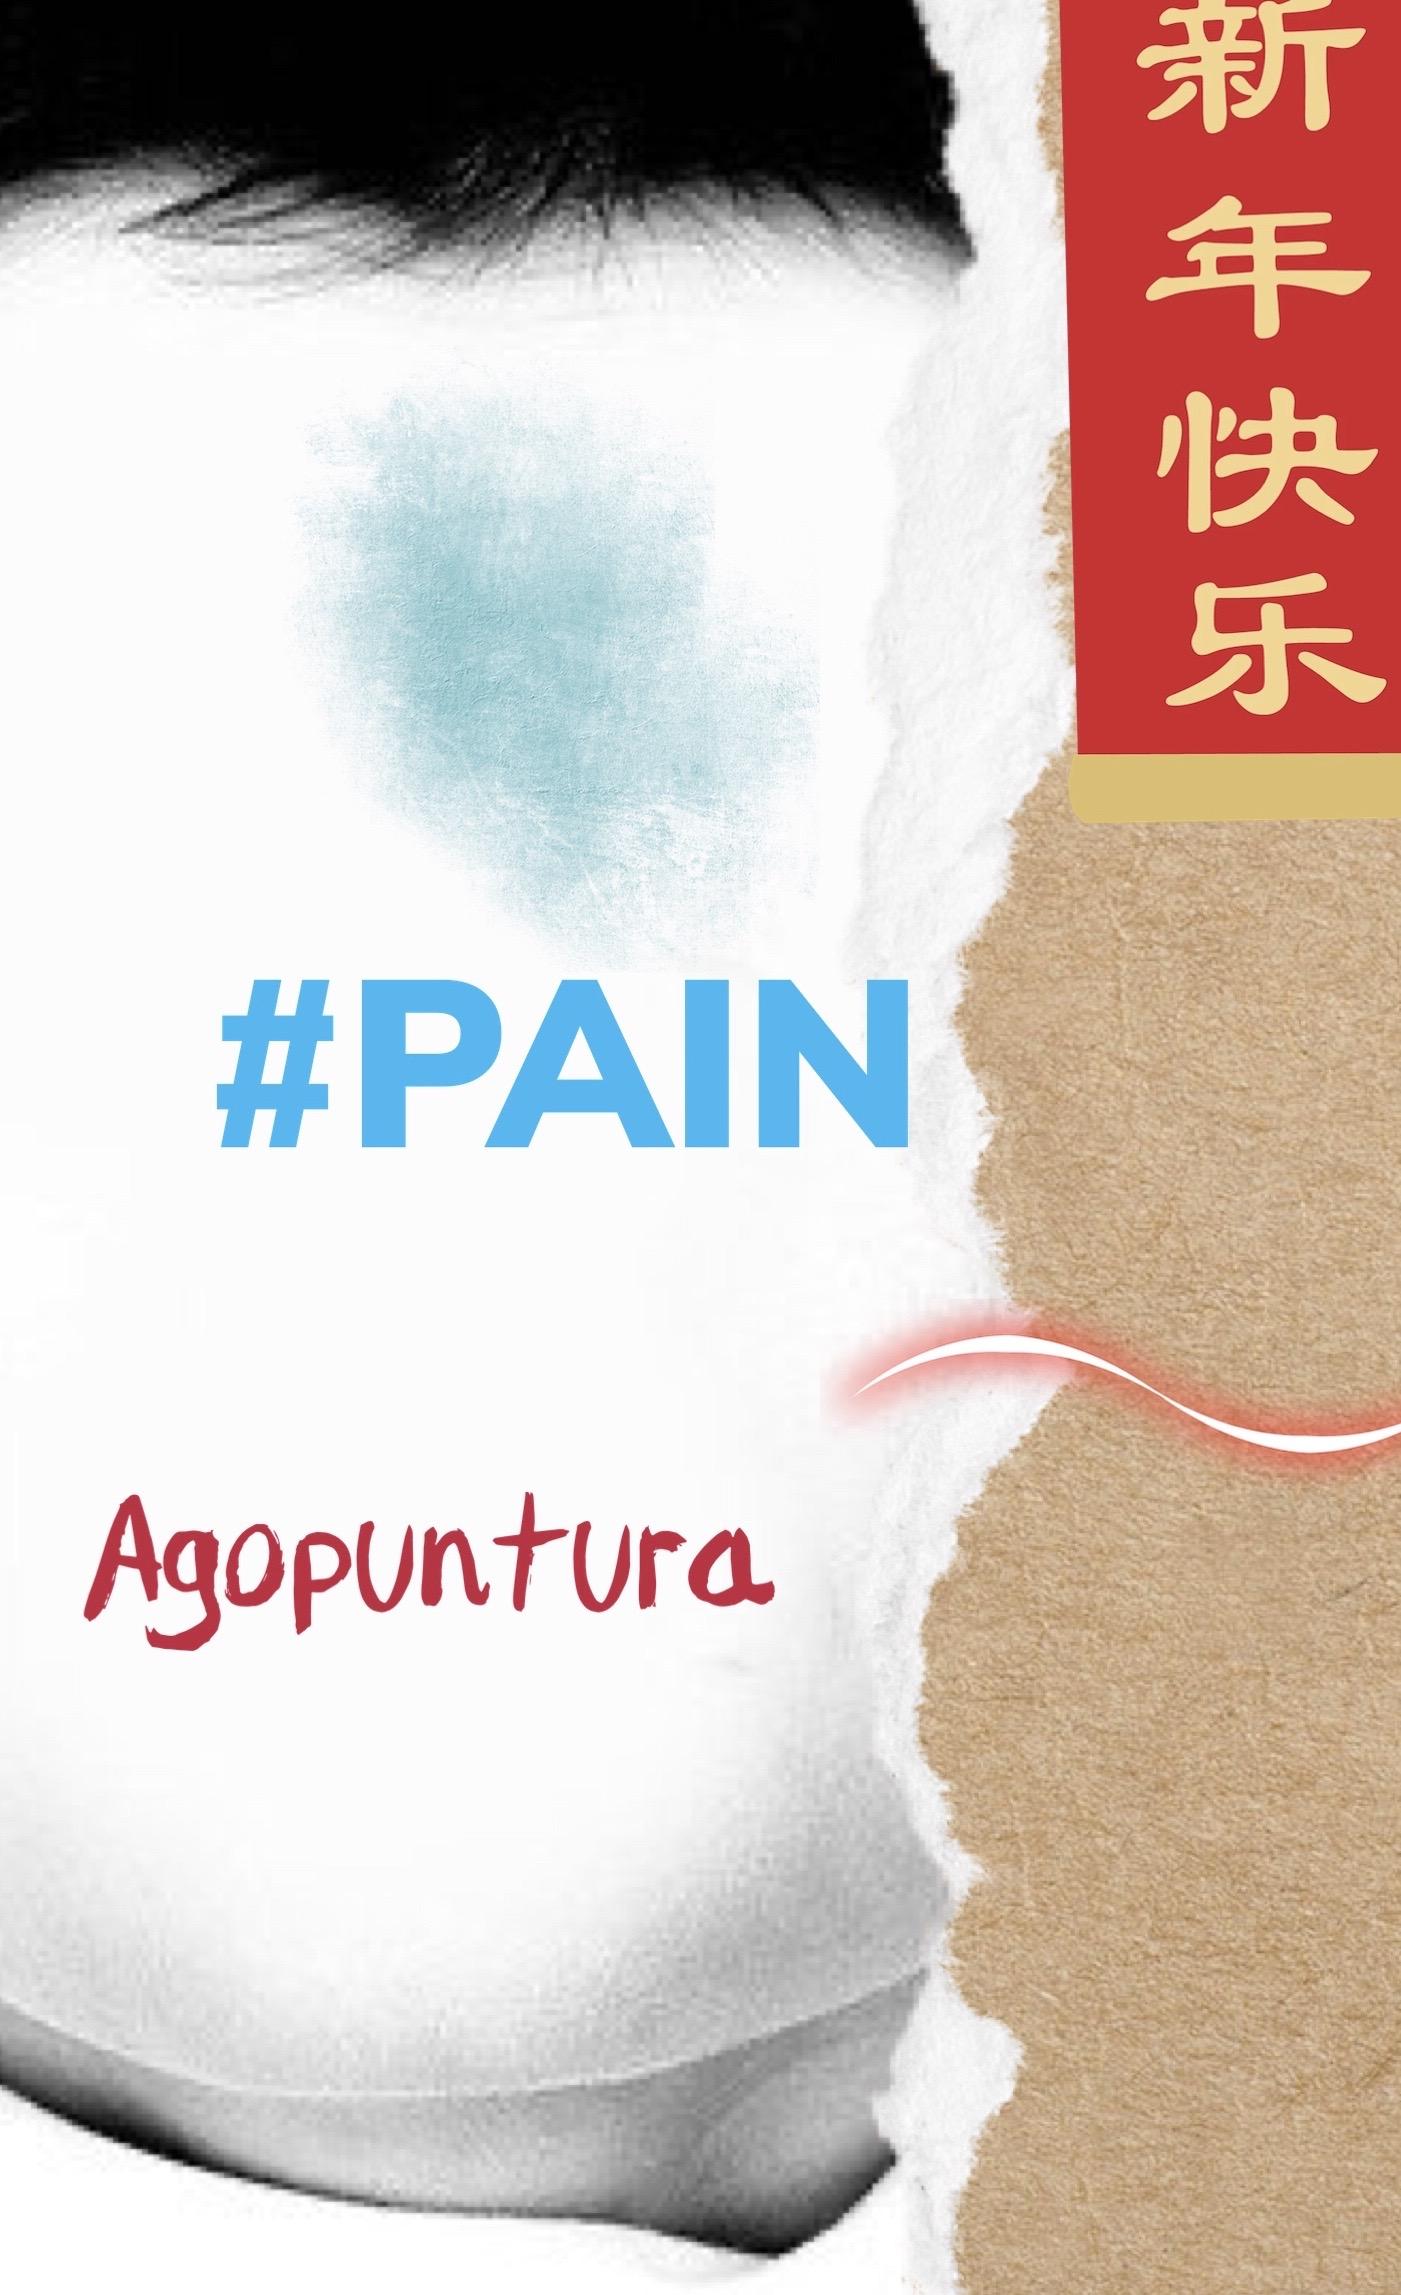 Che dolore! Uso l'agopuntura..